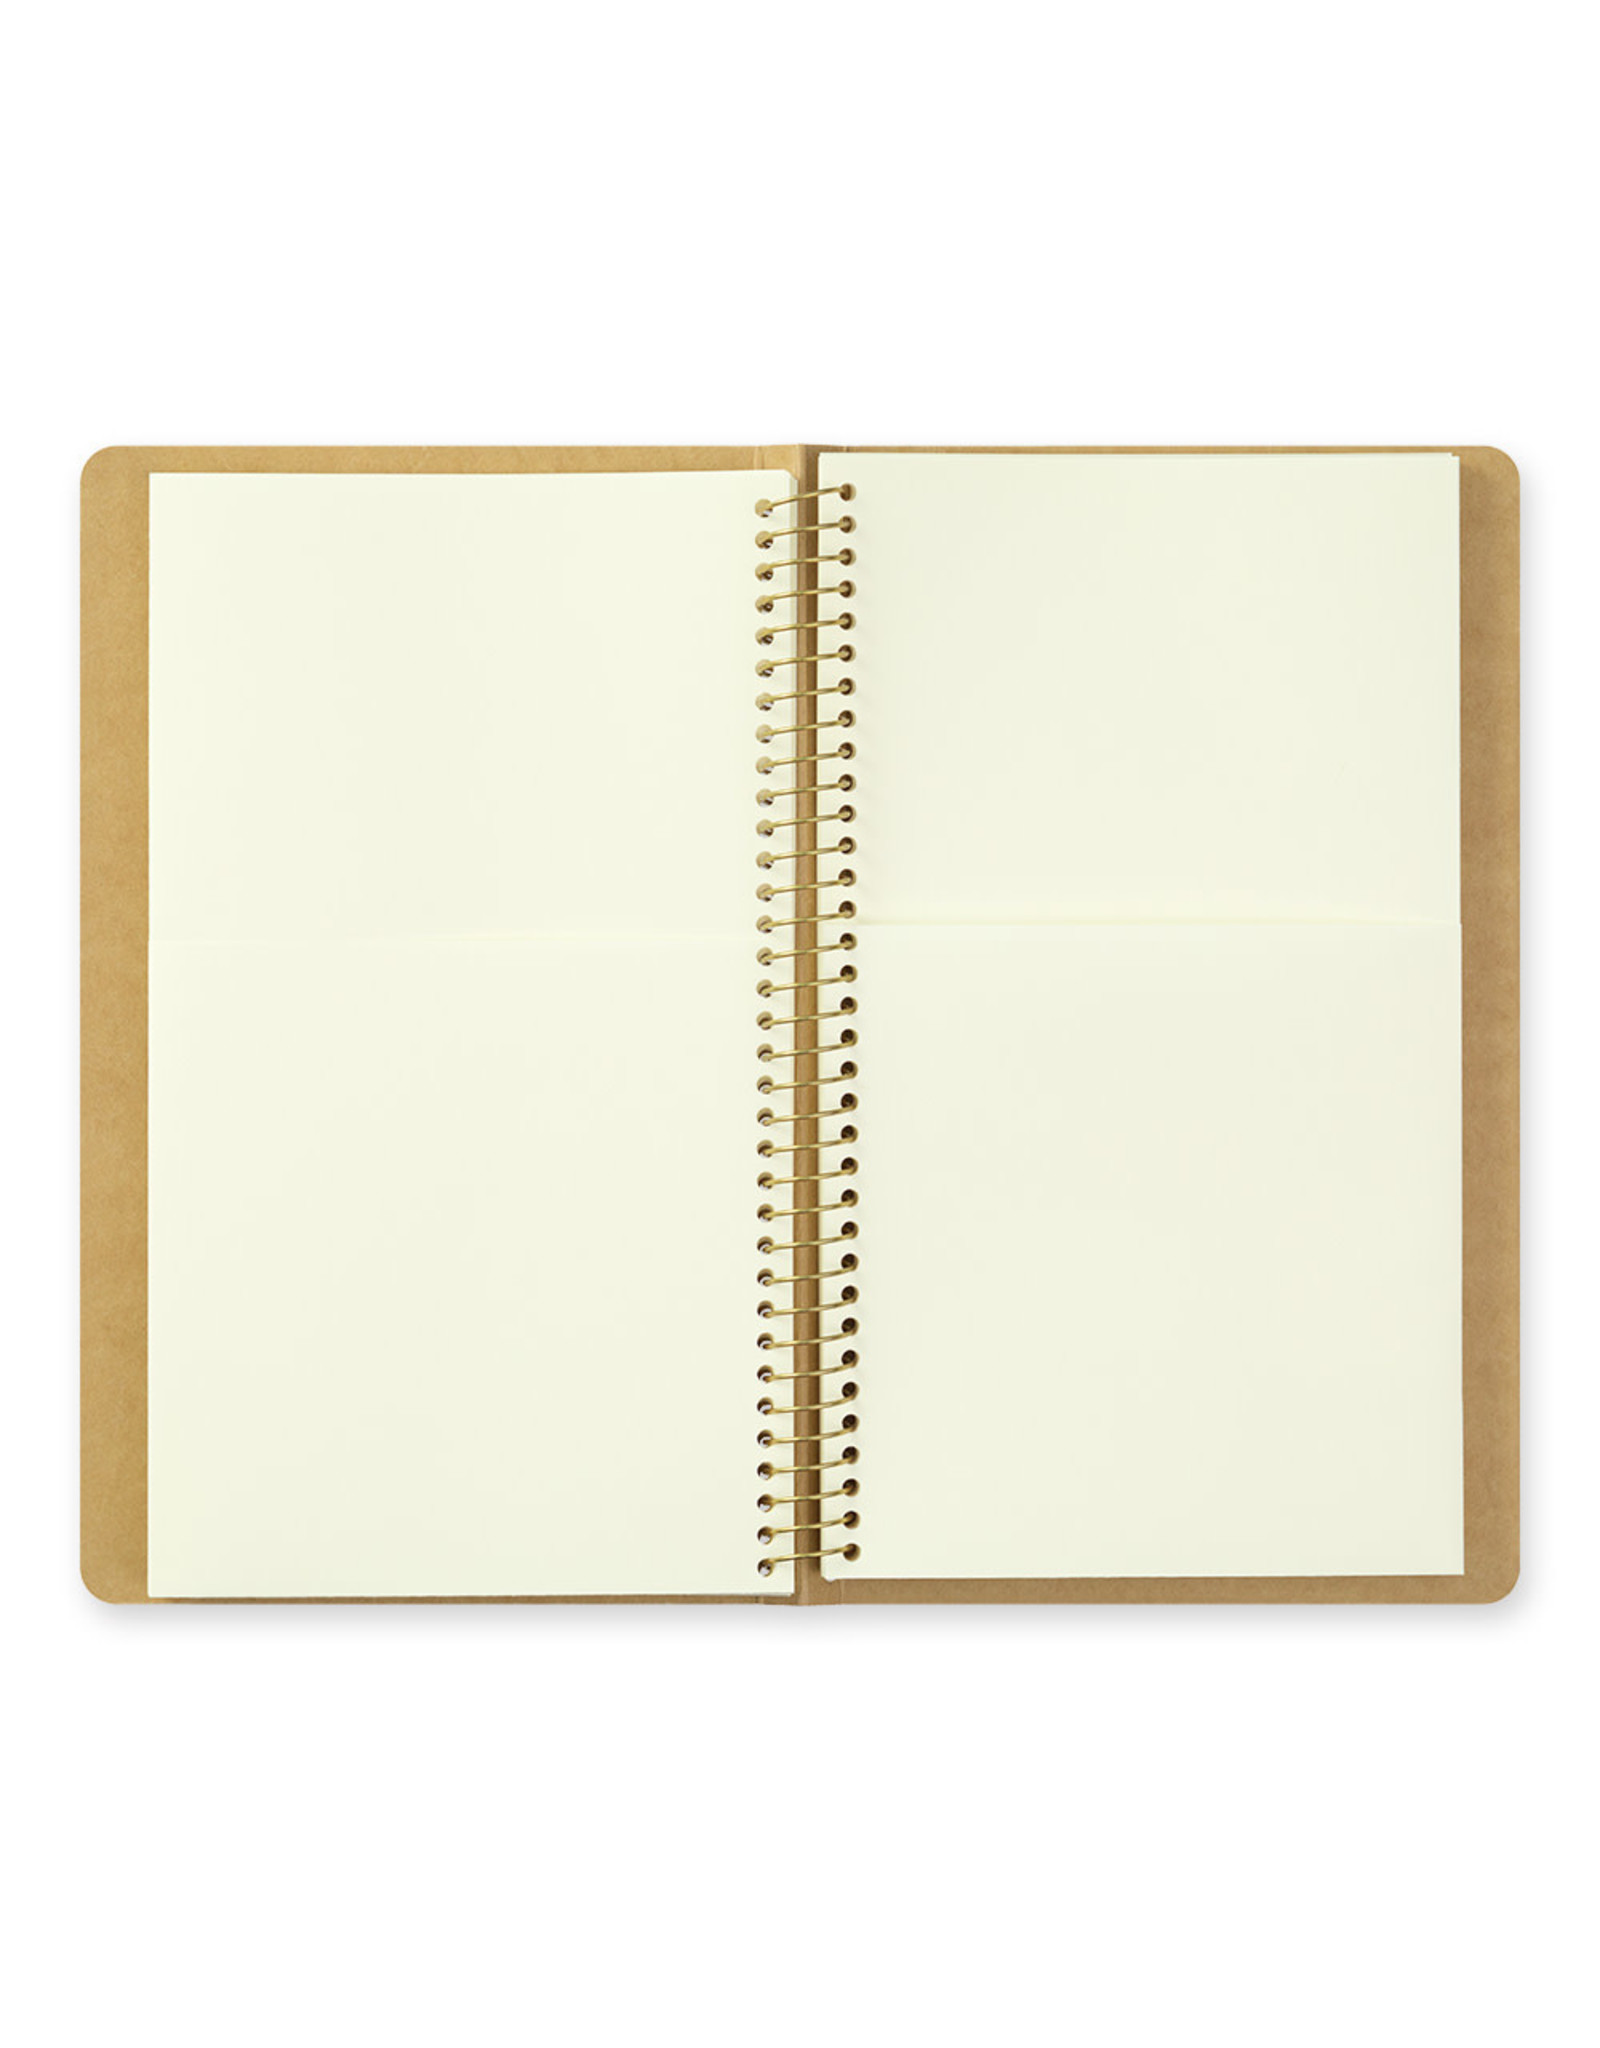 Designphil Inc. DESIGNPHIL TRC SPIRAL RING NOTEBOOK  PAPER POCKET